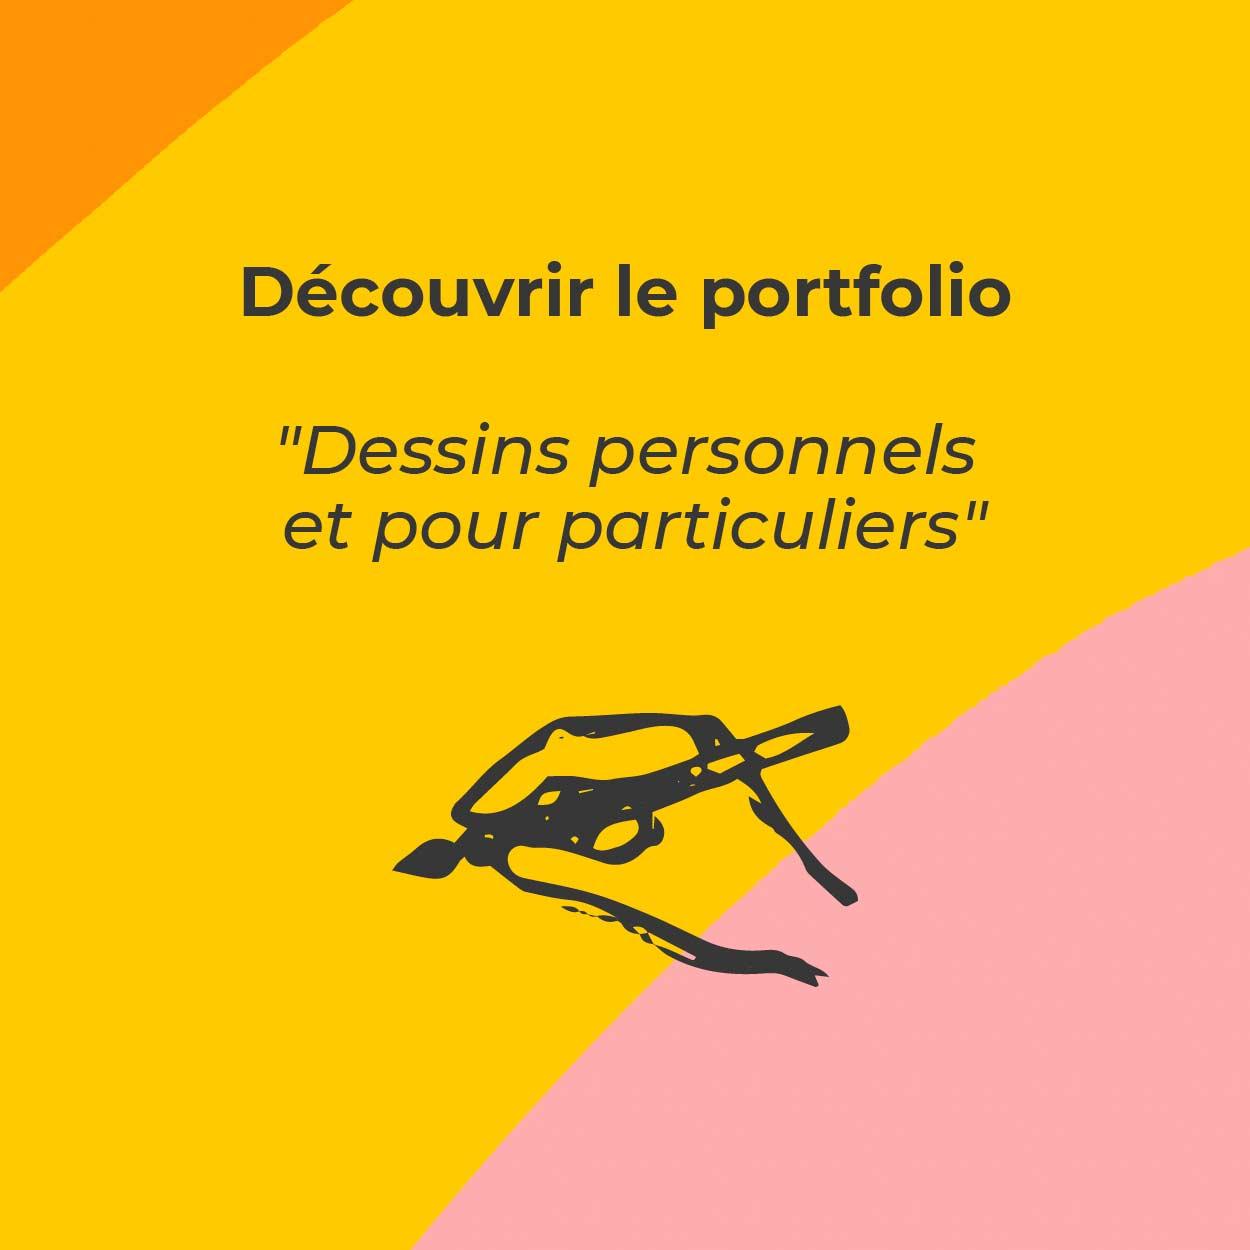 Bouton pour découvrir le portfolio «Dessins personnels et pour particuliers»